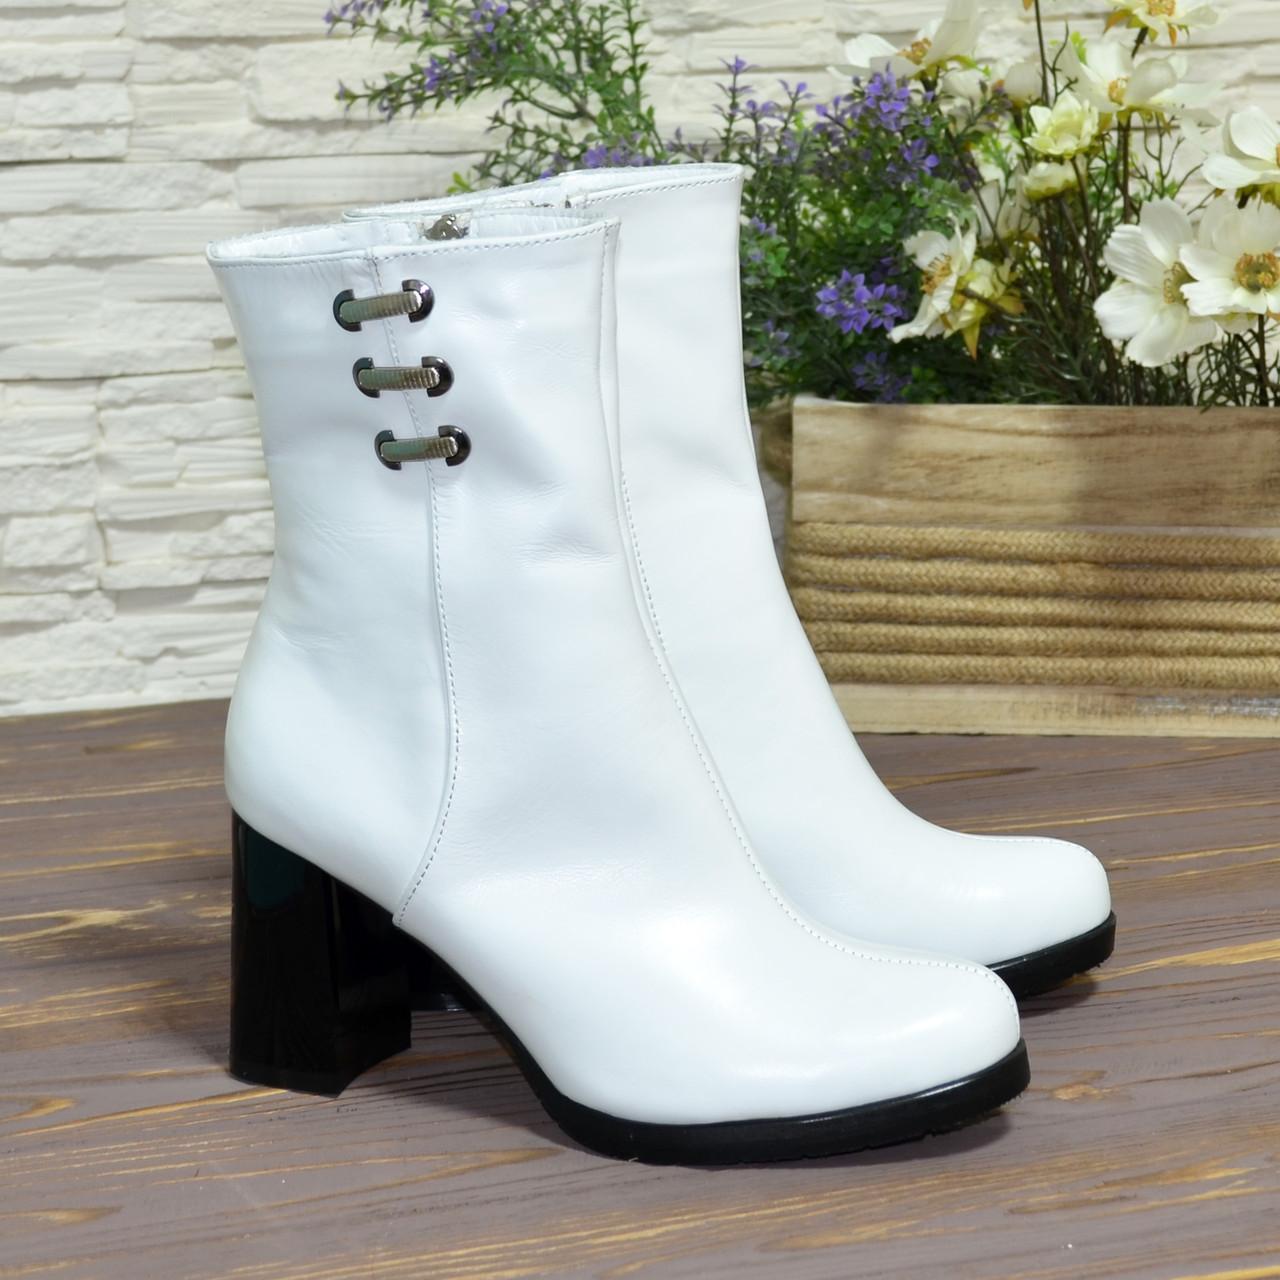 Ботинки белые кожаные на высоком устойчивом каблуке